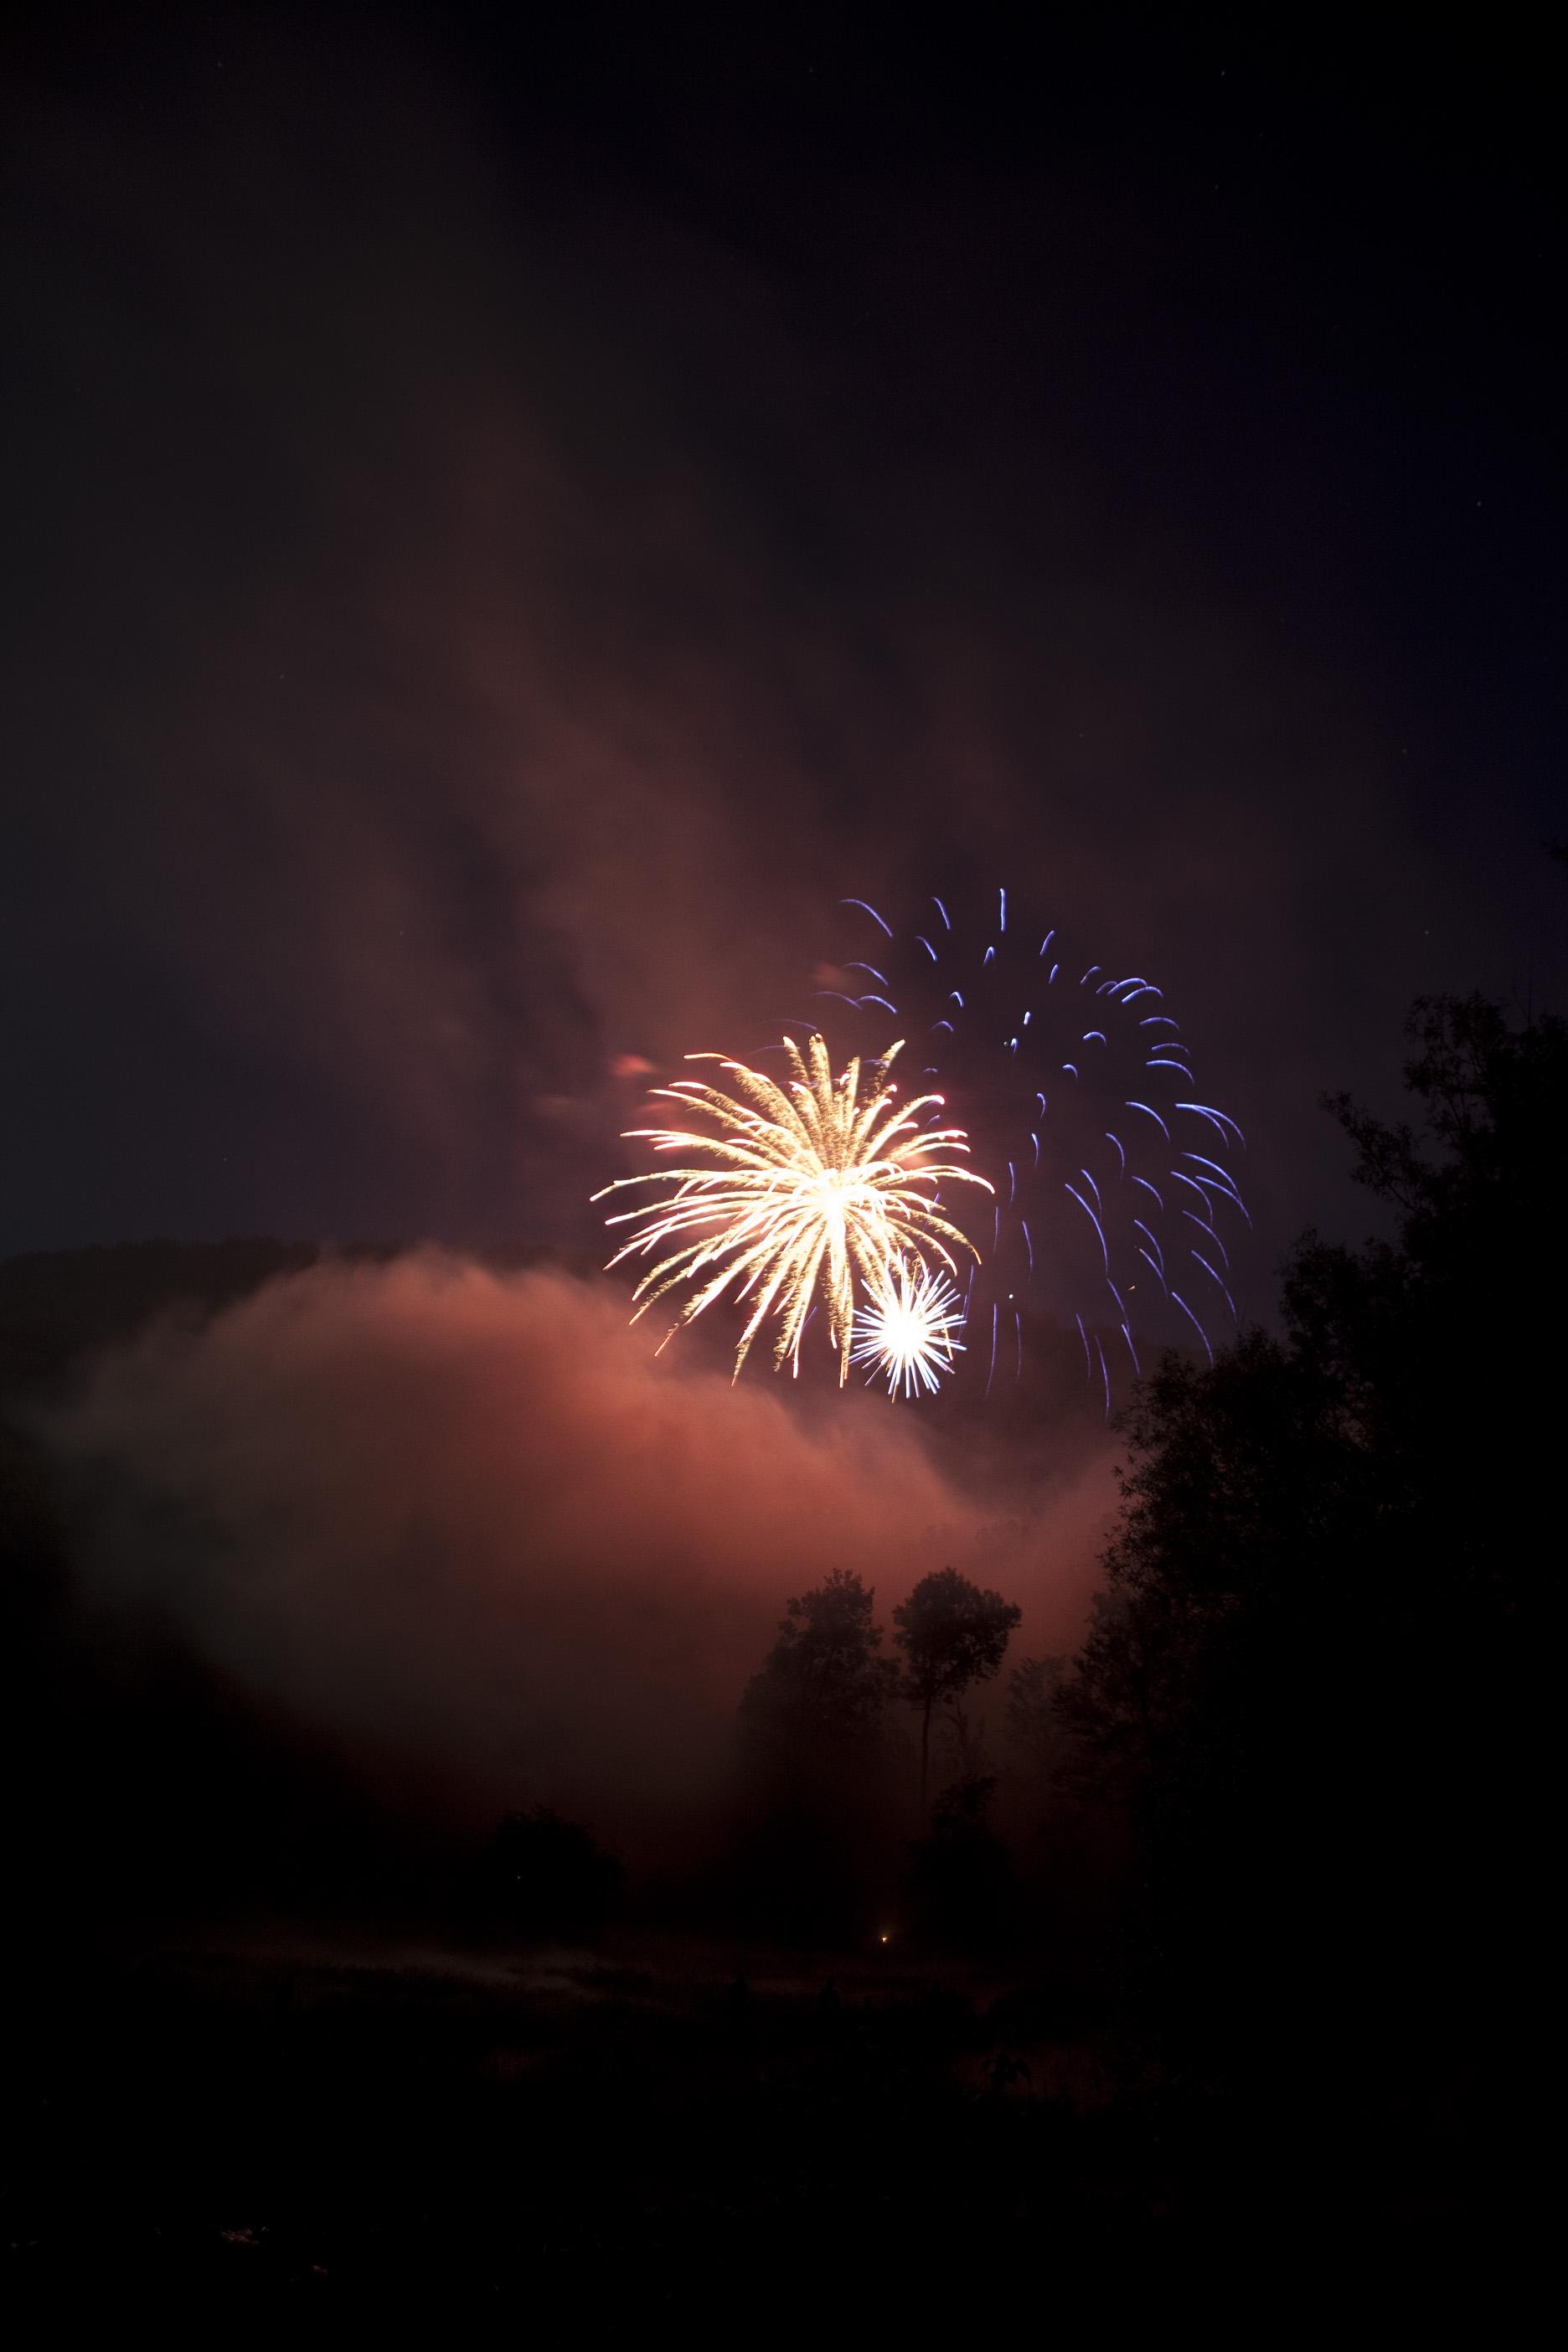 090703_BOVINA_FIREWORKS_492_BP_SM.jpg